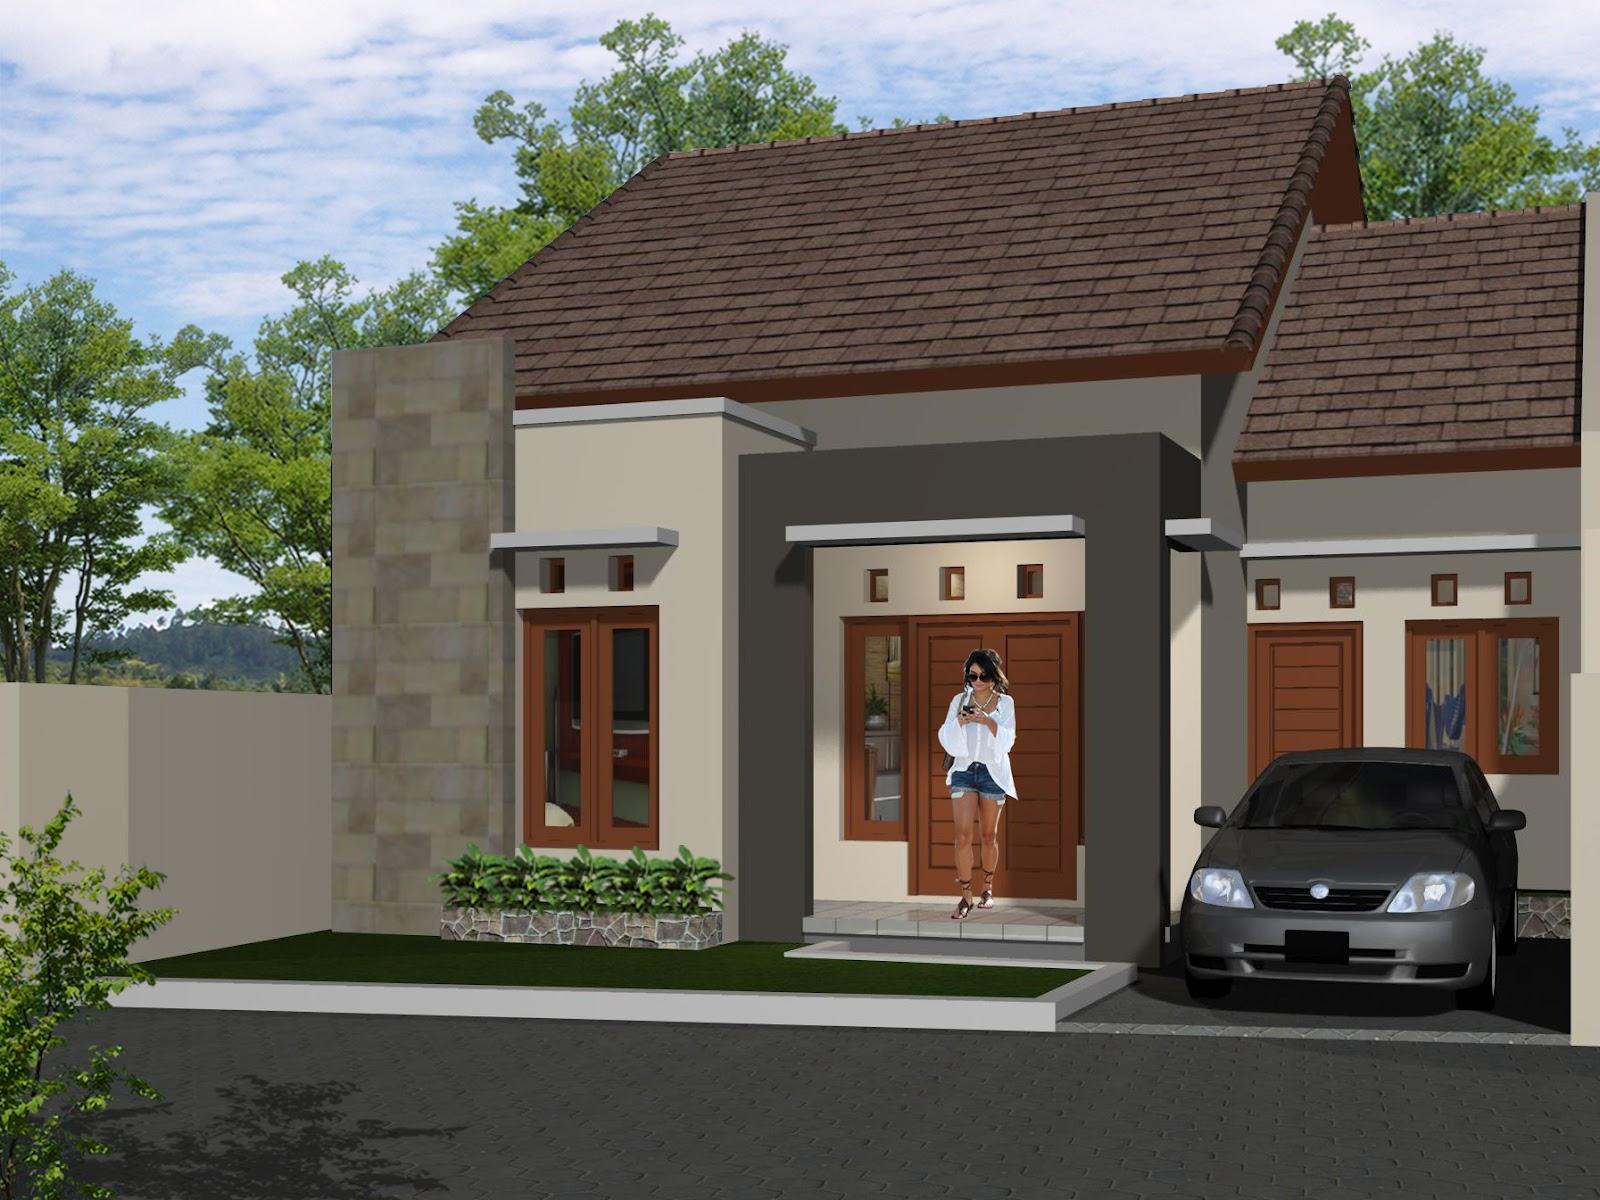 Contoh Teras Rumah Minimalis 1 Lantai Desain Rumah Minimalis